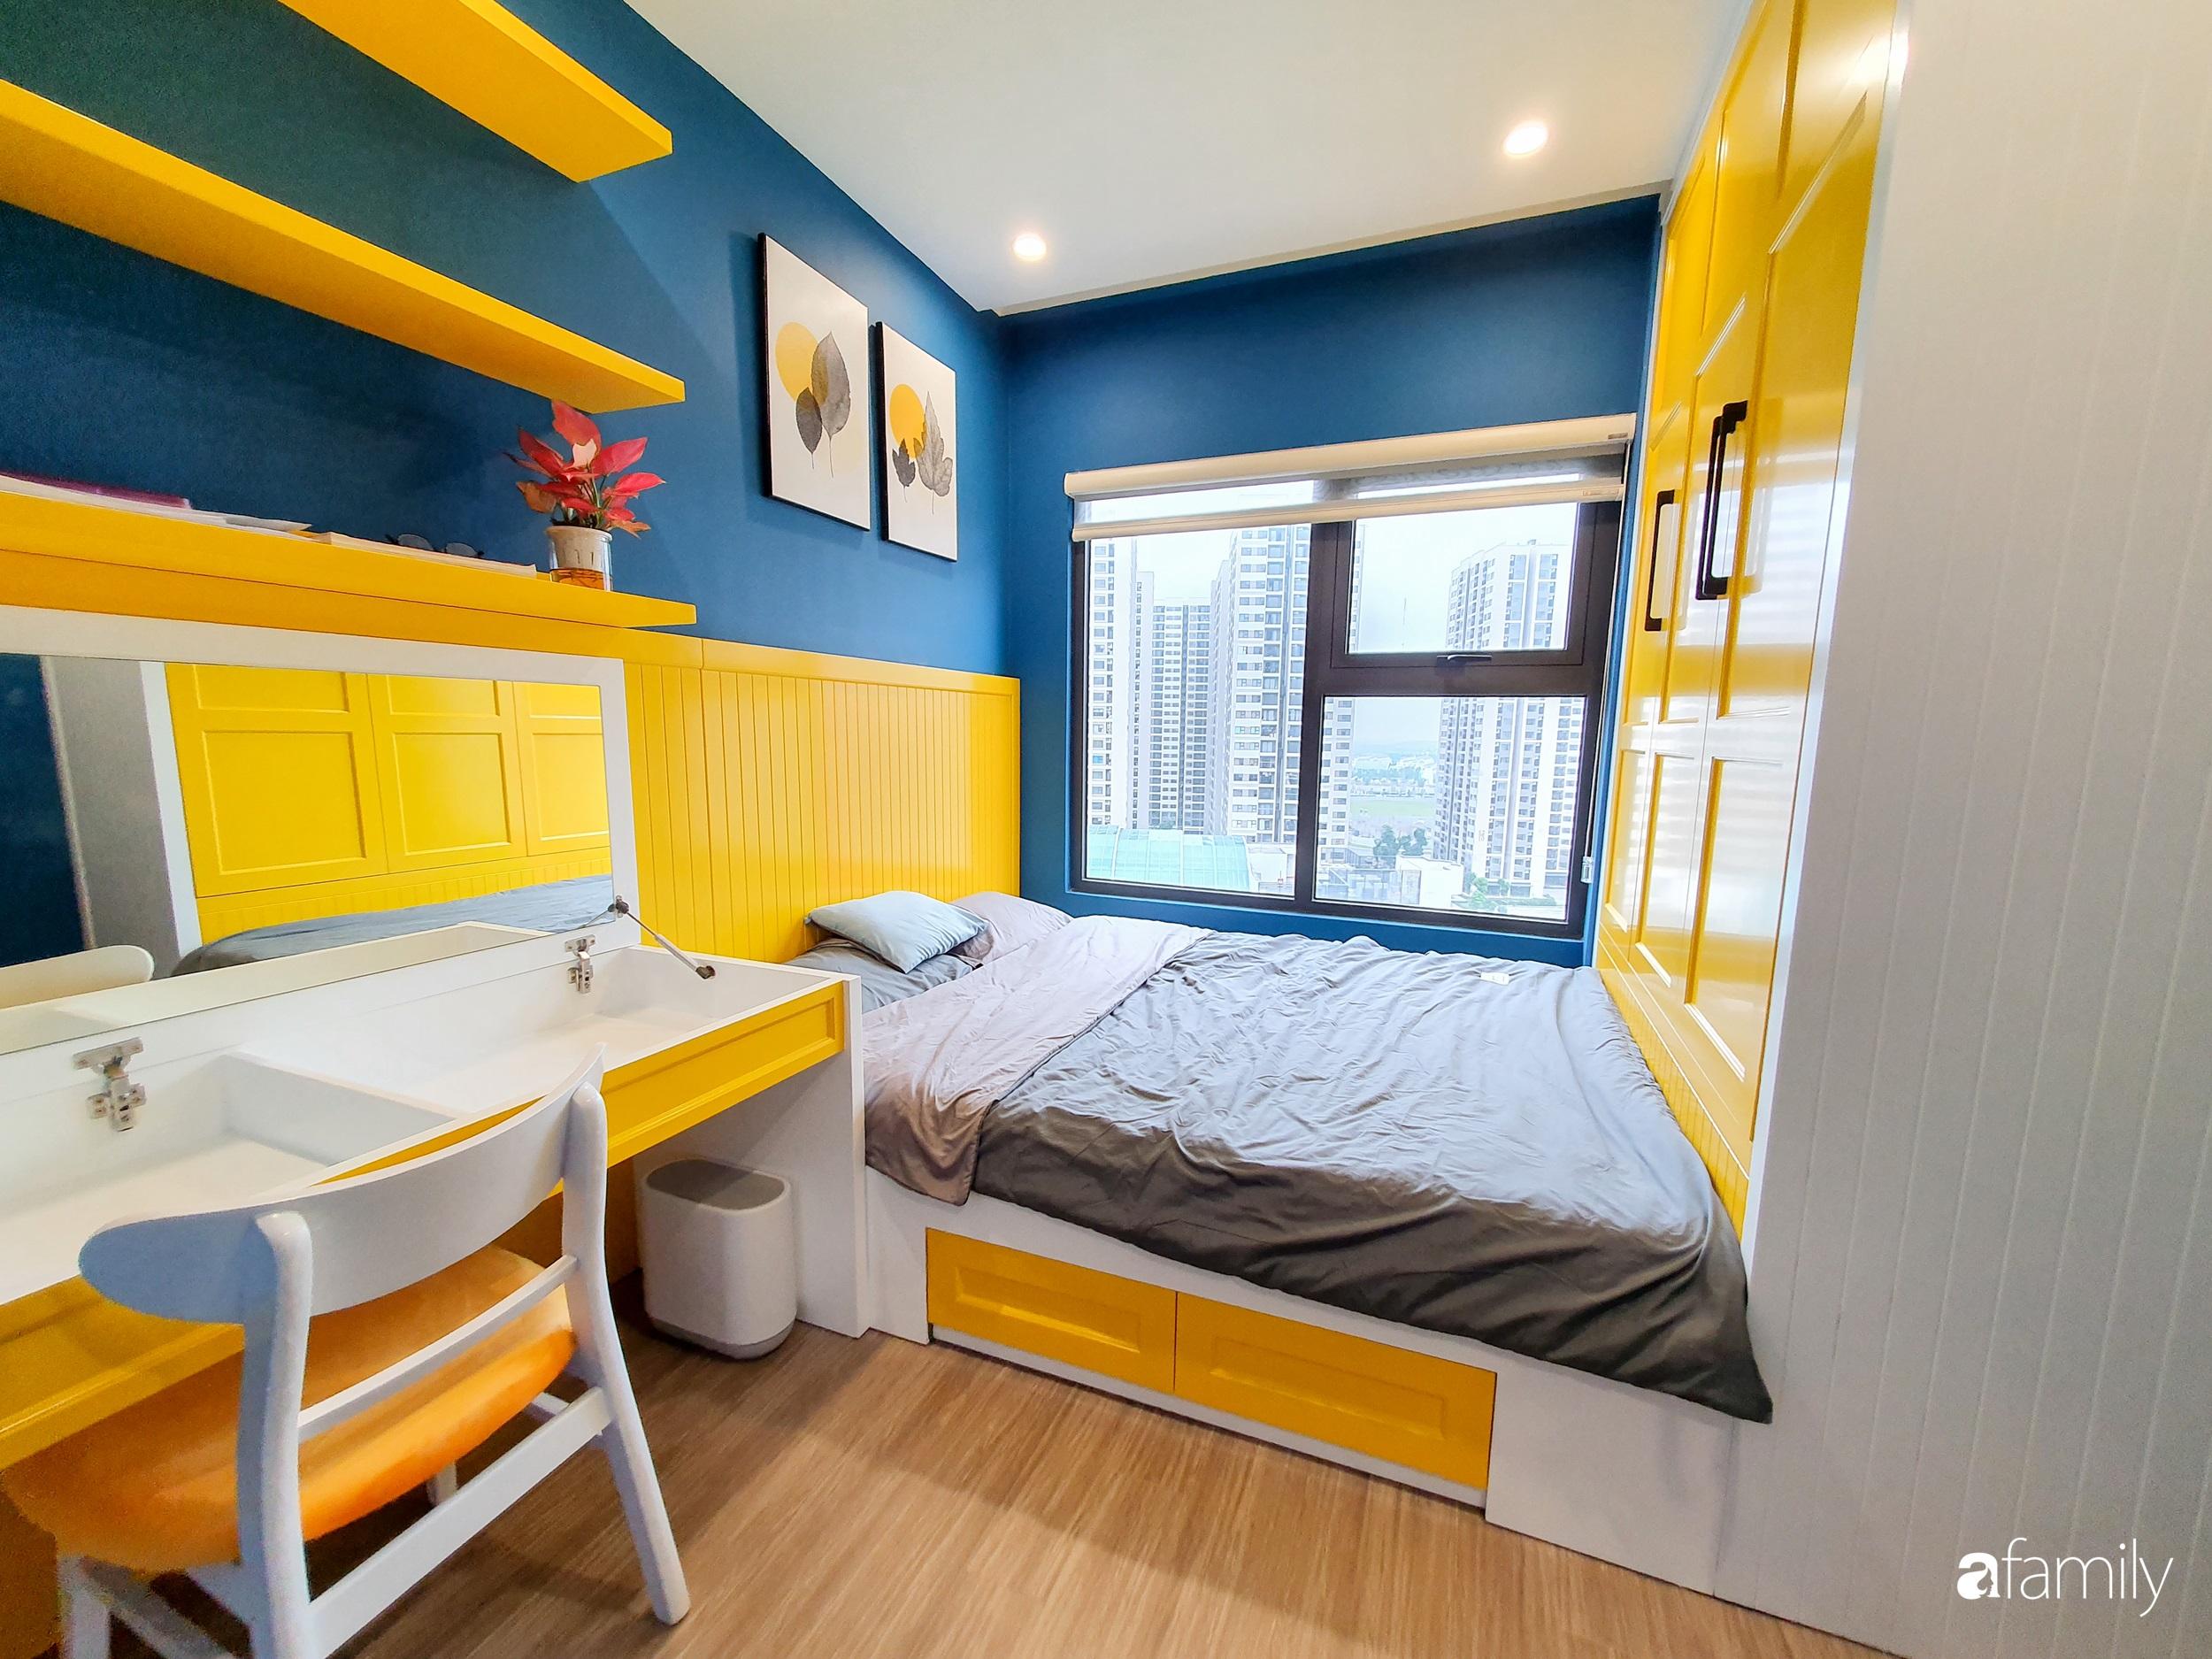 Căn hộ 75m² cá tính với cách phối màu vàng - xanh tinh tế có chi phí hoàn thiện 270 triệu đồng ở Hà Nội - Ảnh 11.